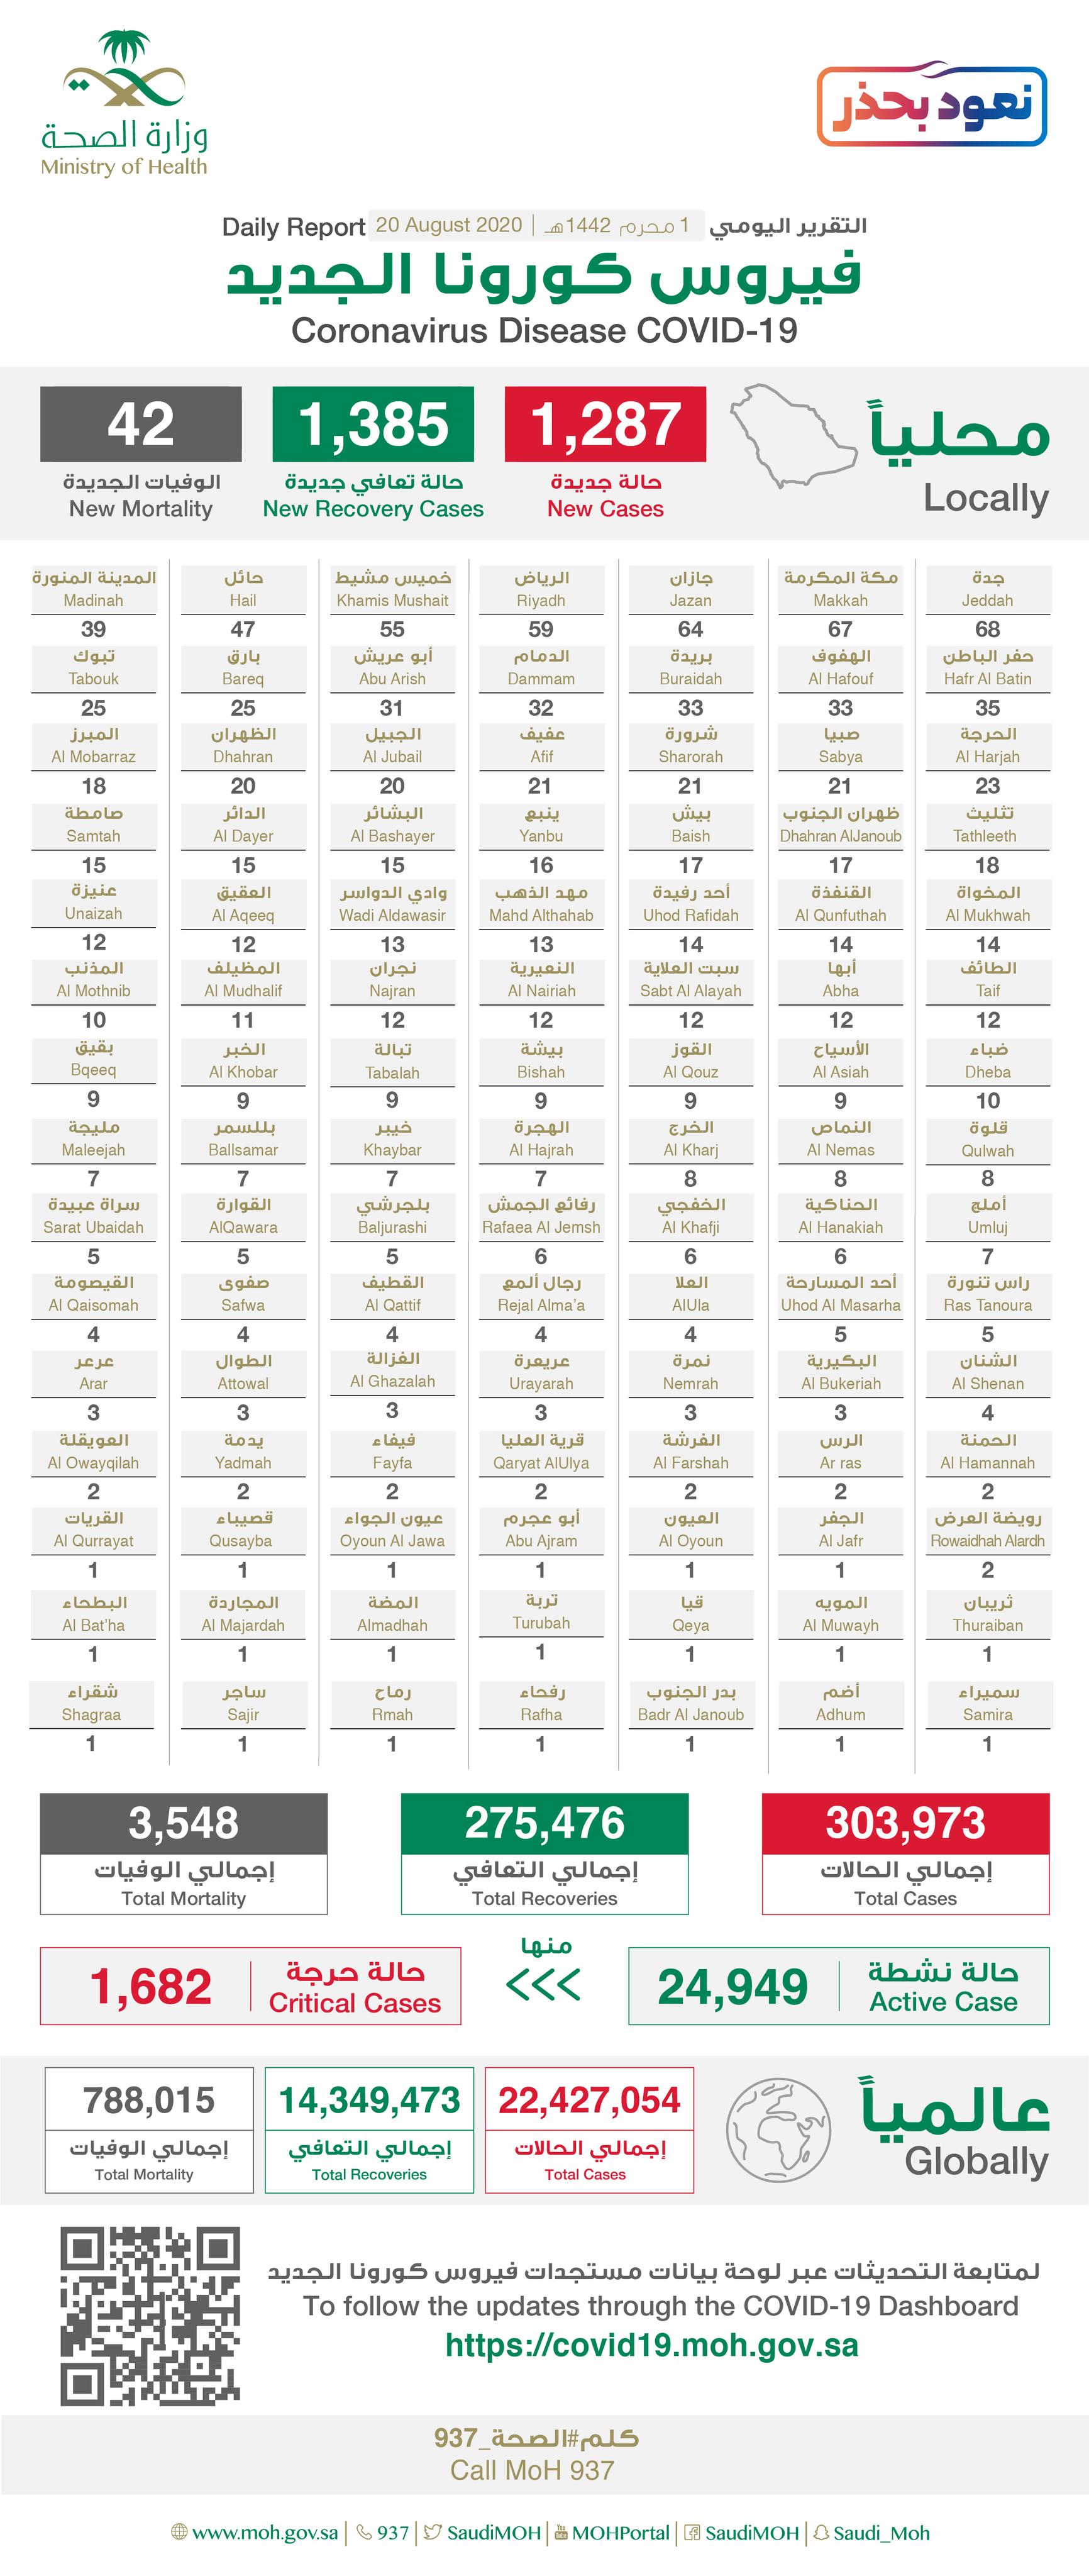 وزارة الصحة السعودية: تسجيل 1287 حالة جديدة مُصابة بفيروس كورونا و42 حالة وفاة